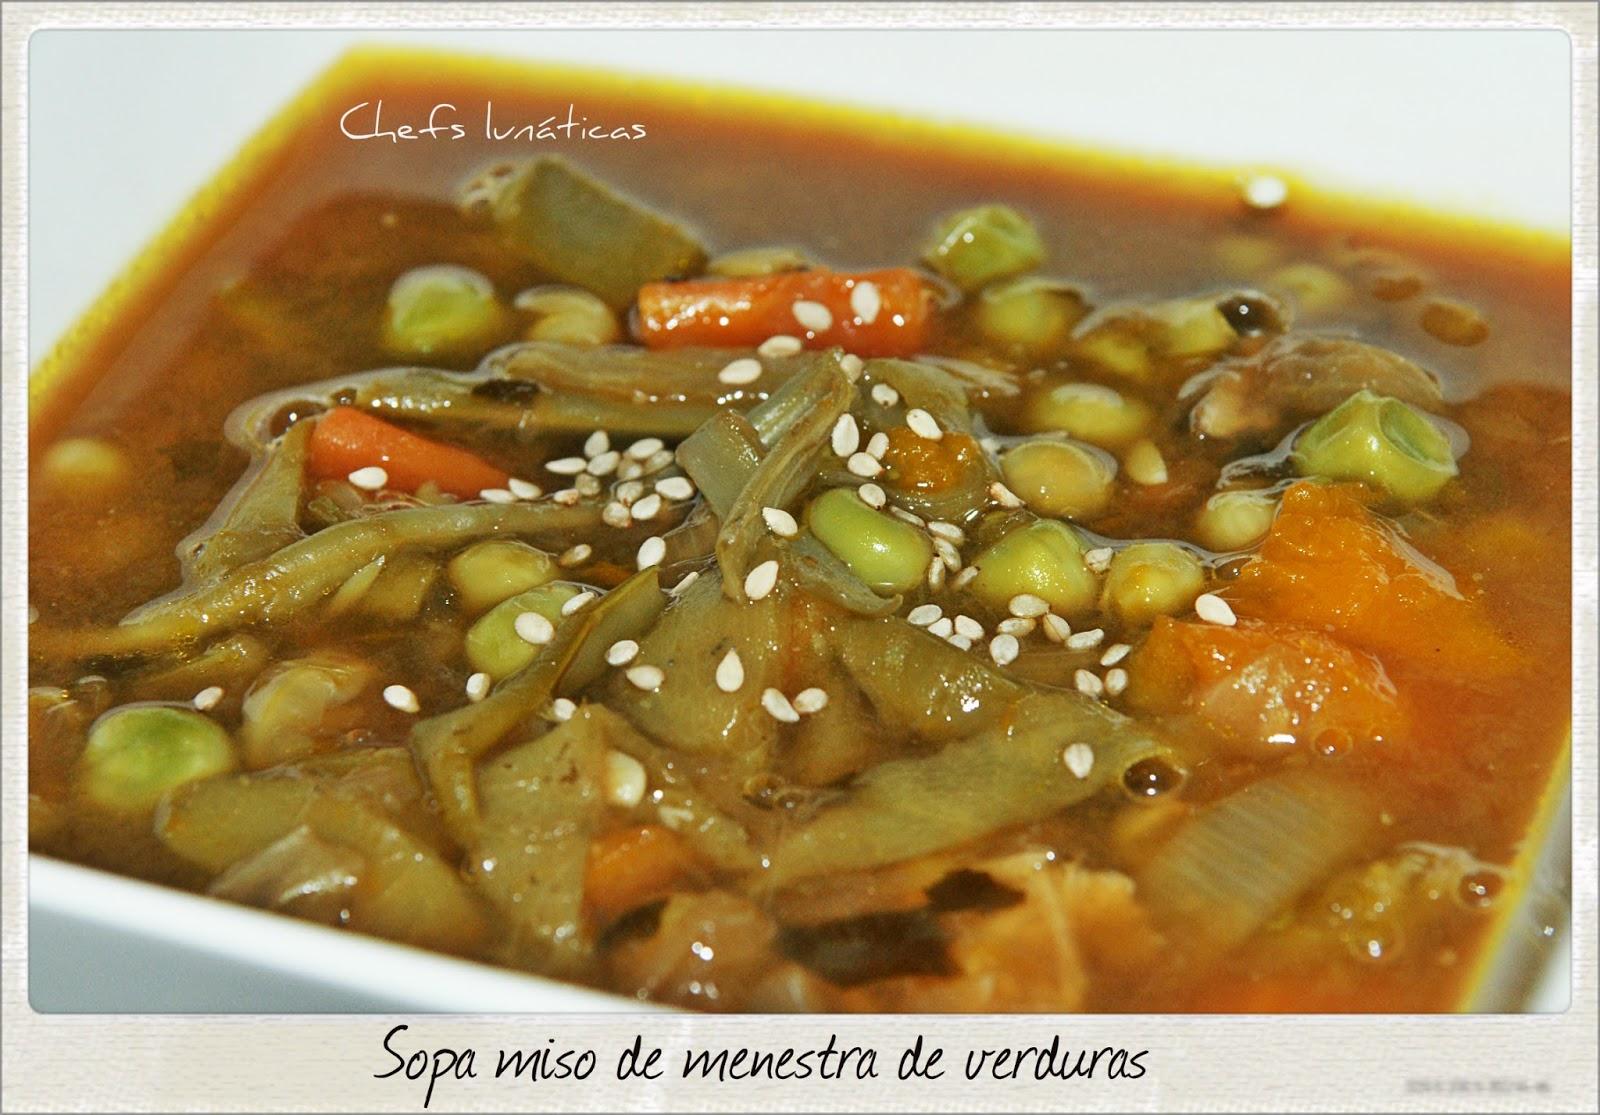 Chefs Lunáticas Sopa Miso De Menestra De Verduras